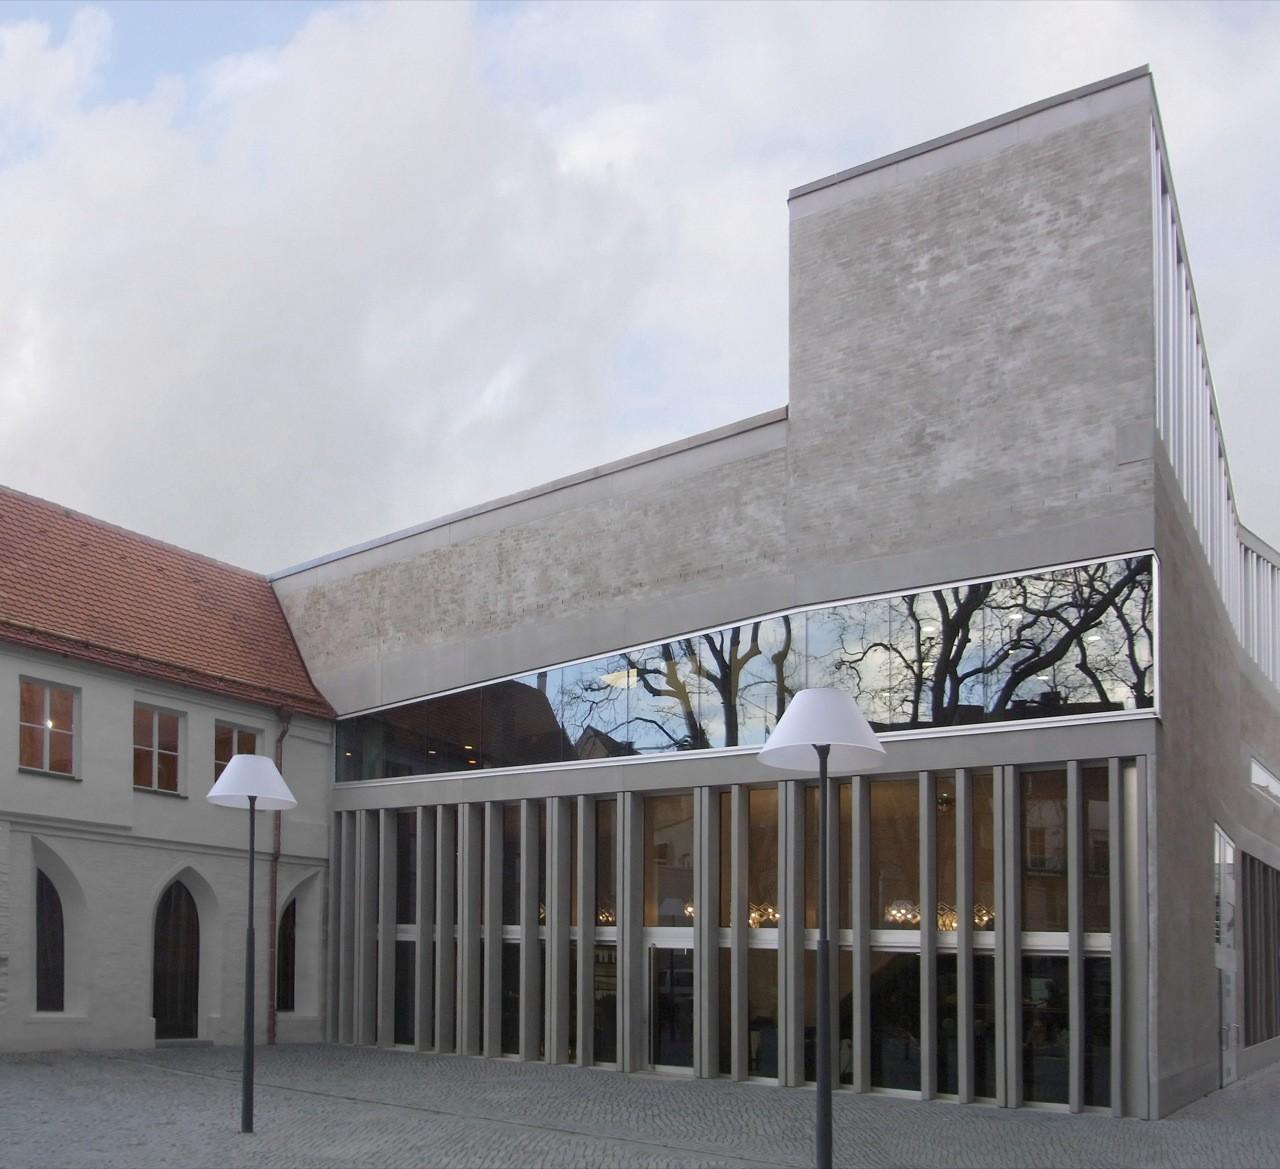 Elsbethen Site / trint + kreuder d.n.a, Courtesy of trint + kreuder d.n.a